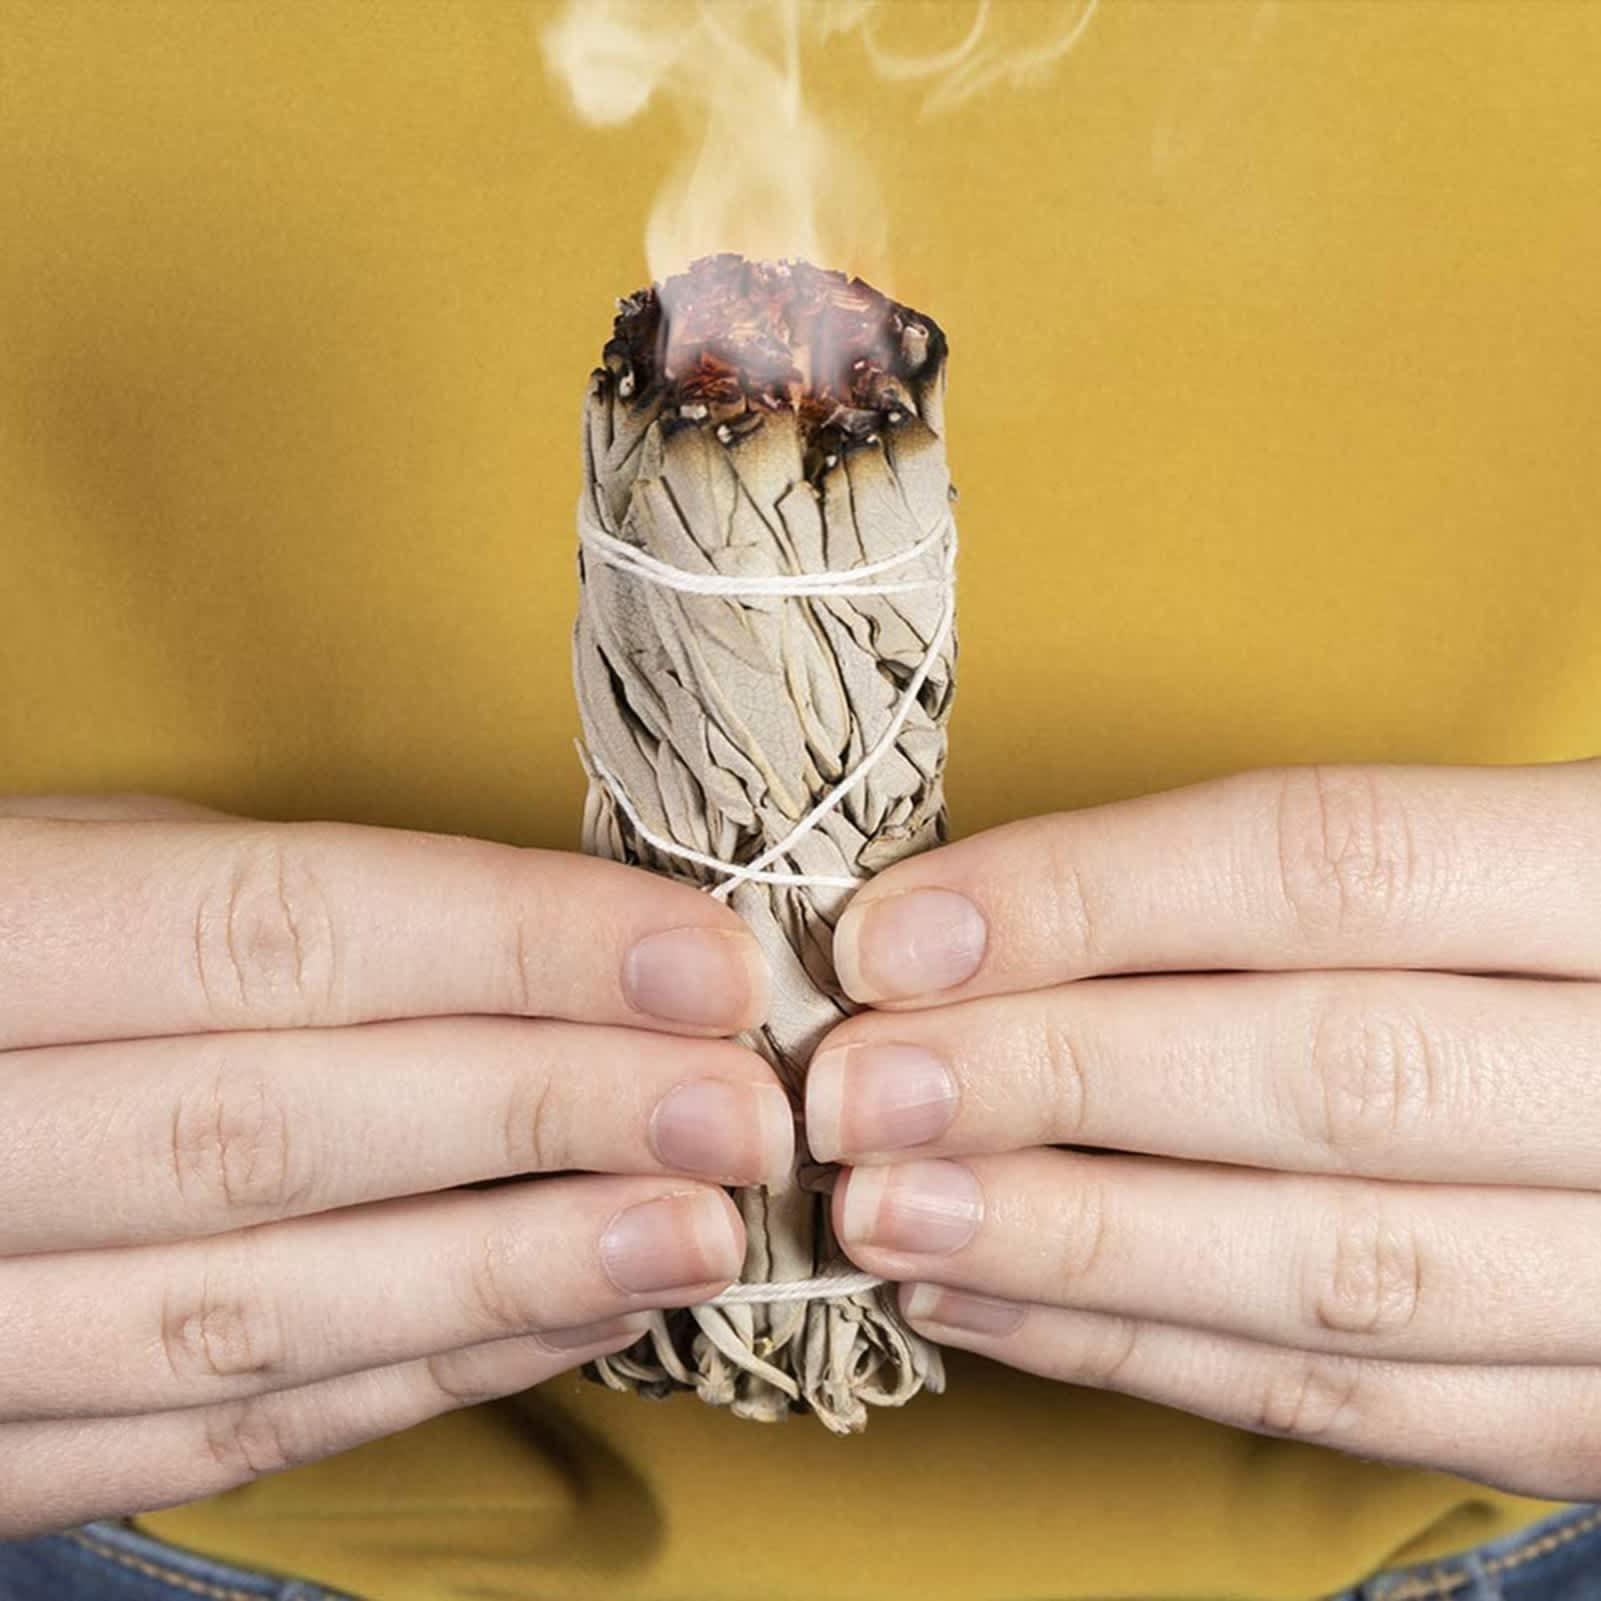 Mechones de salvia blanca para limpieza del hogar, palitos para difuminar, para sanar, para meditación y difuminar, con hojas puras ahumadas